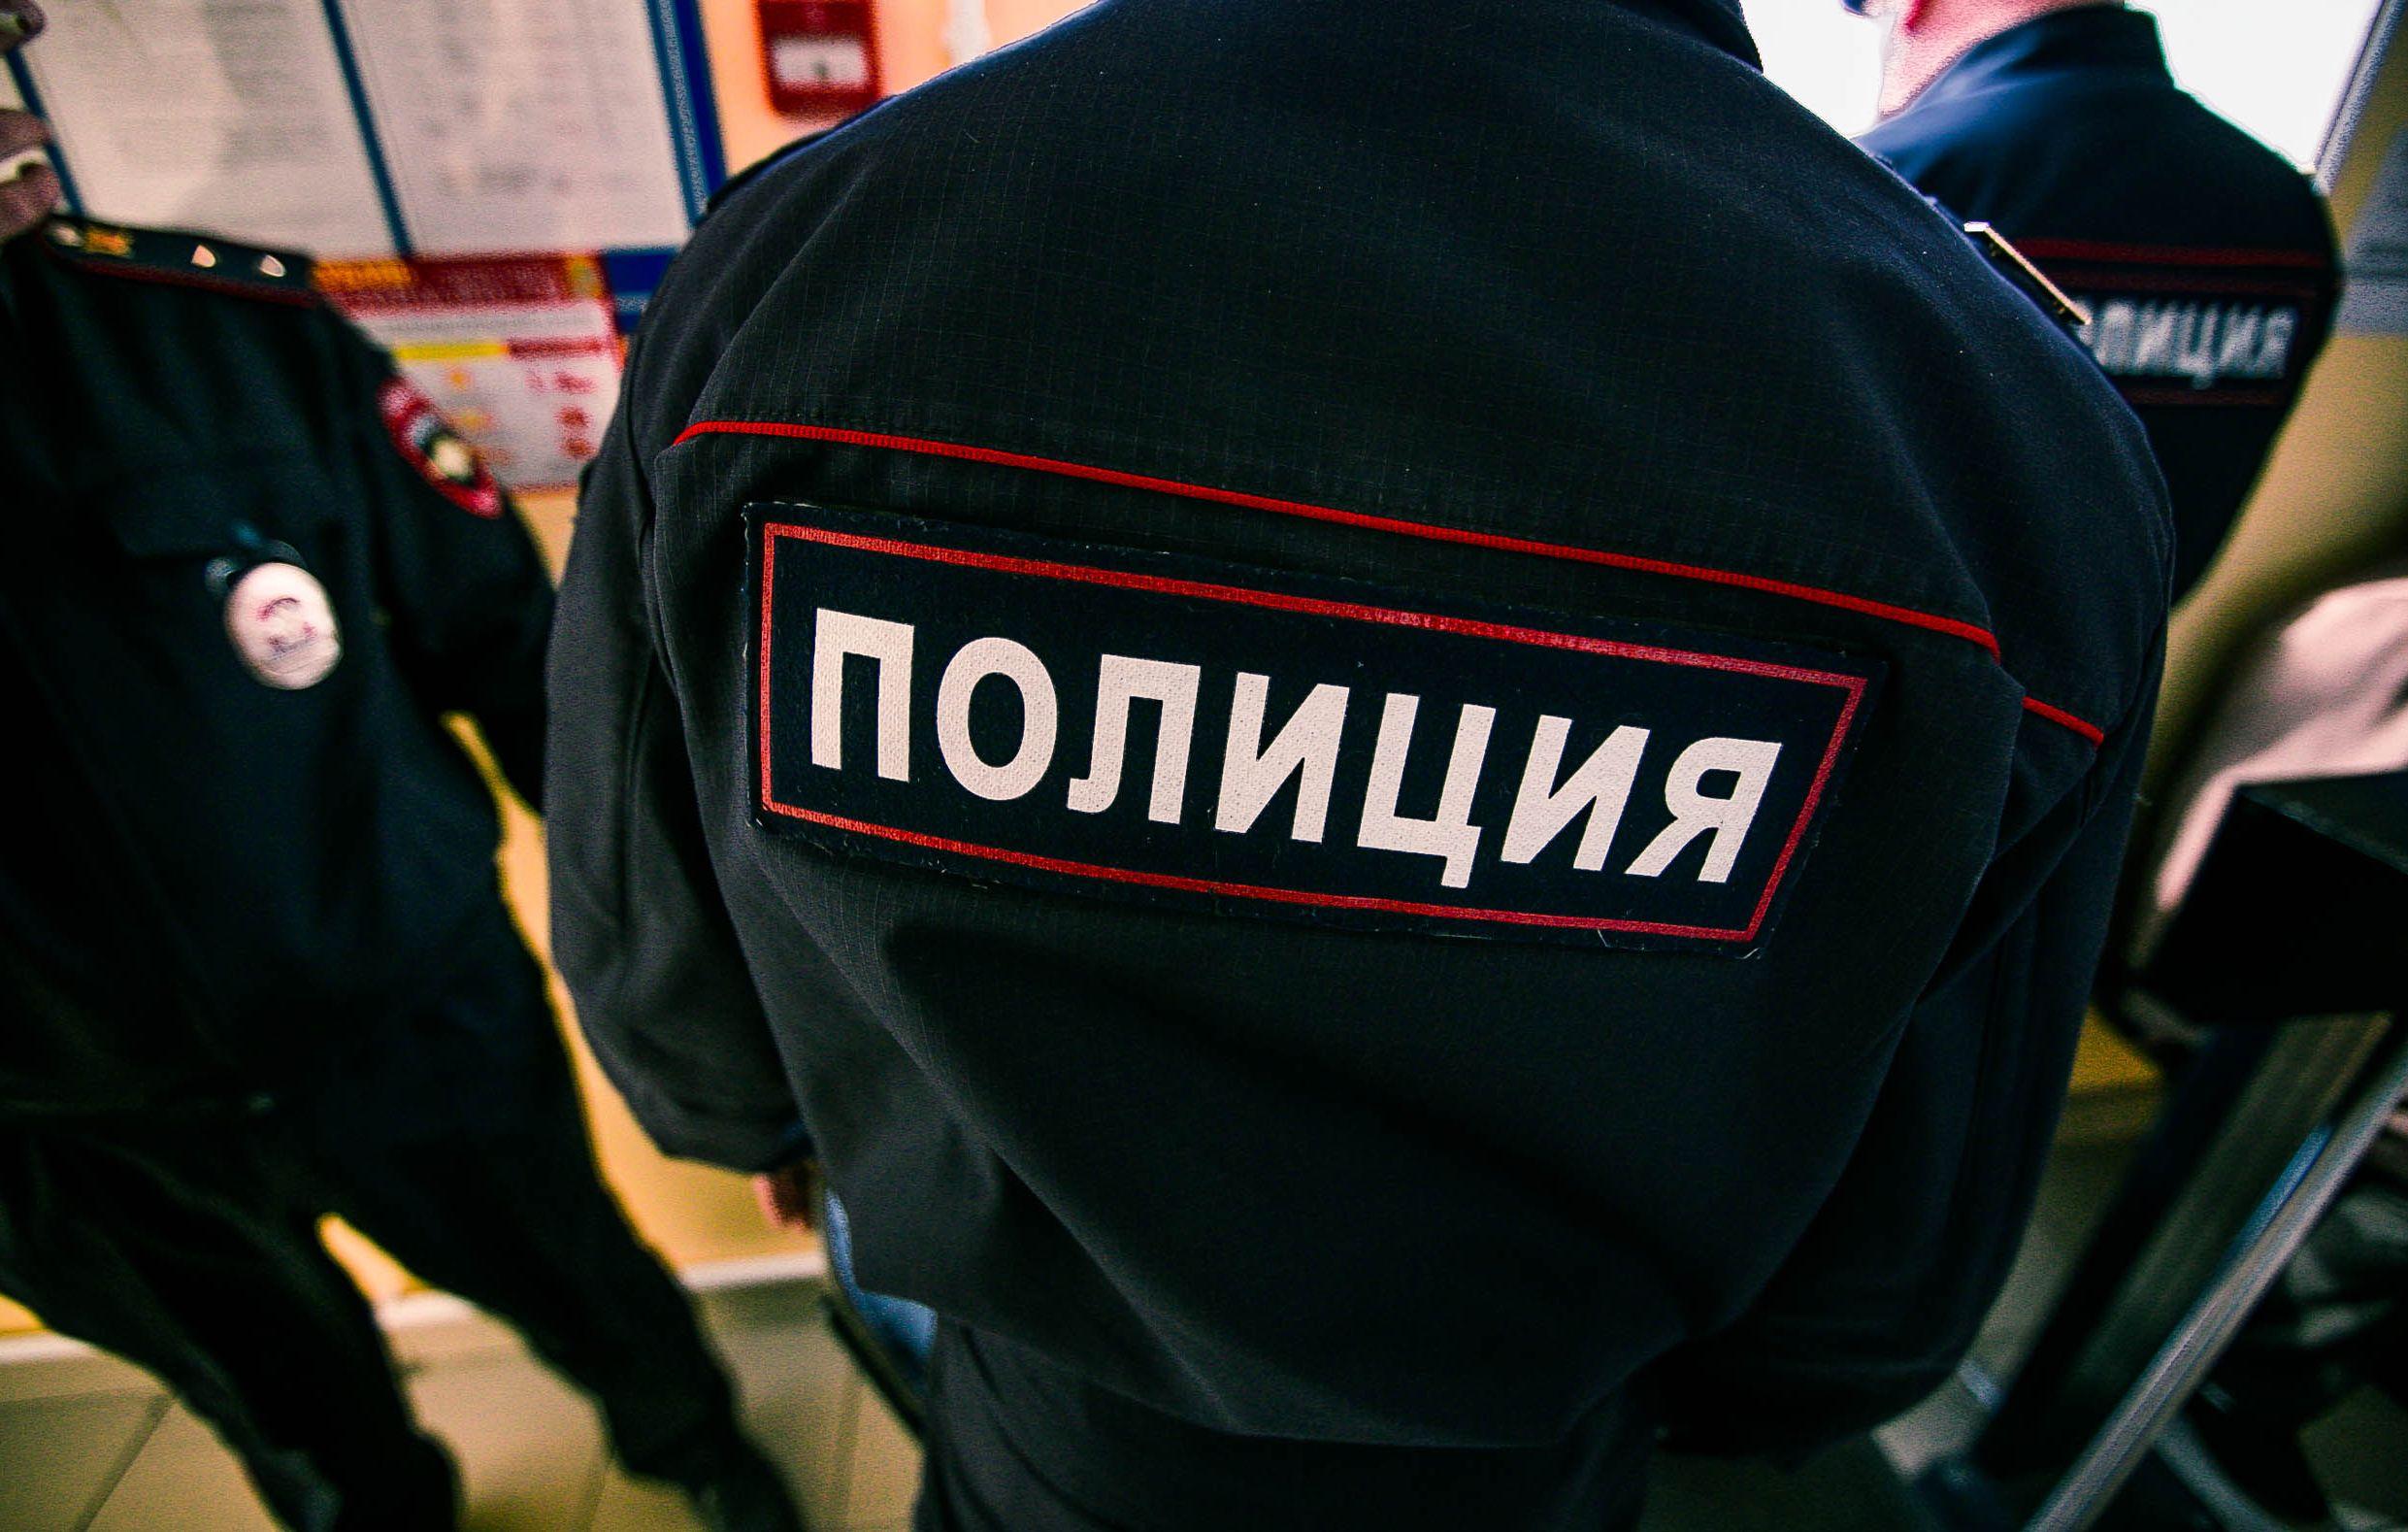 ВКабардино-Балкарии полицейские заставили мужчину собирать коноплю